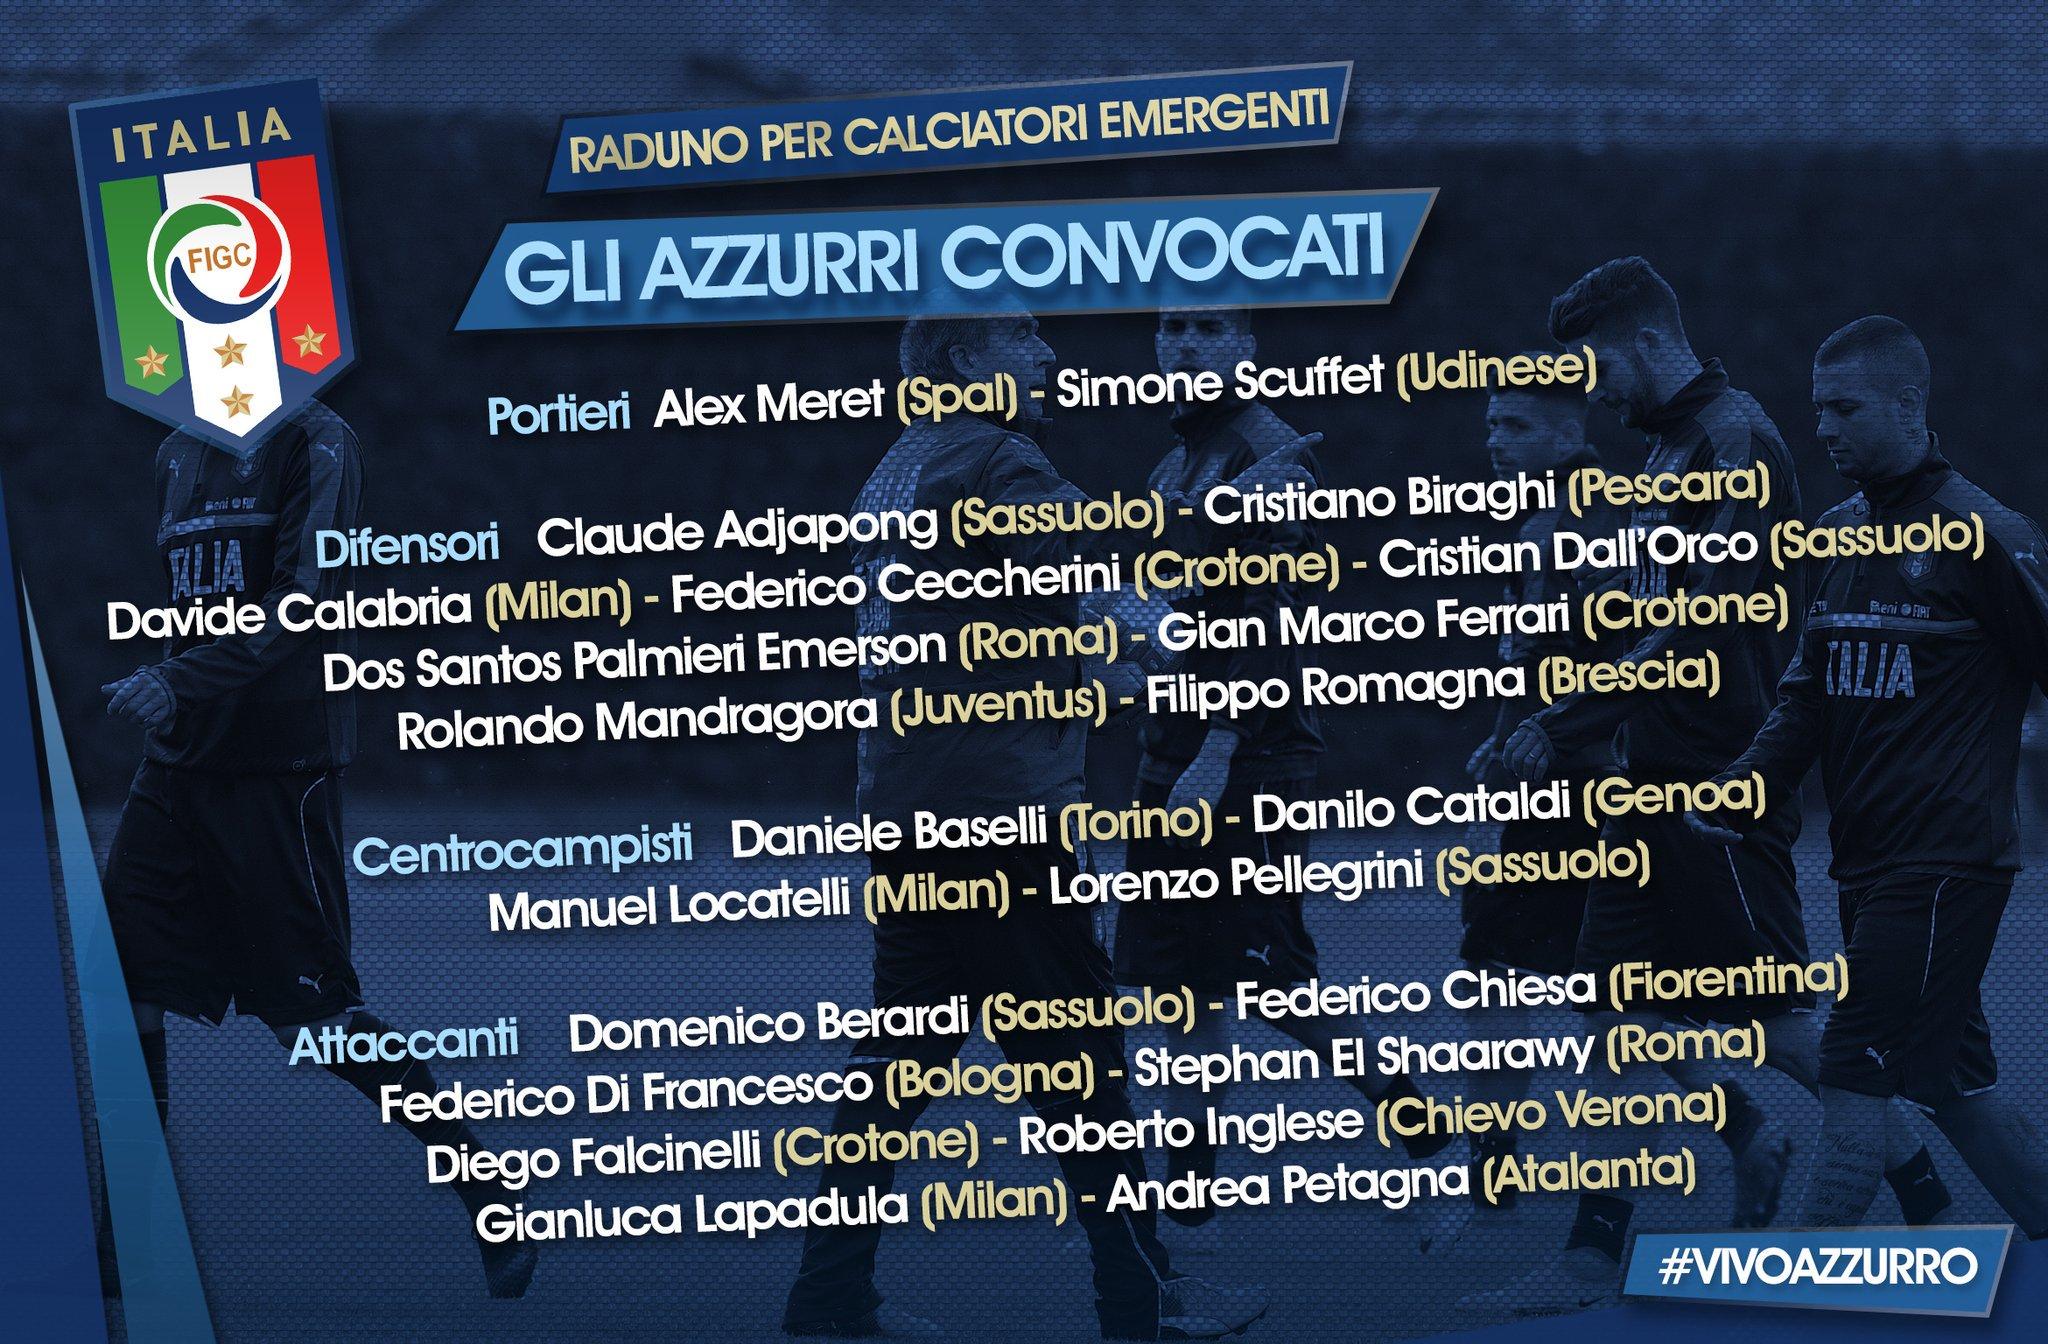 意大利公布23人集训大名单:基耶萨沙拉维入选